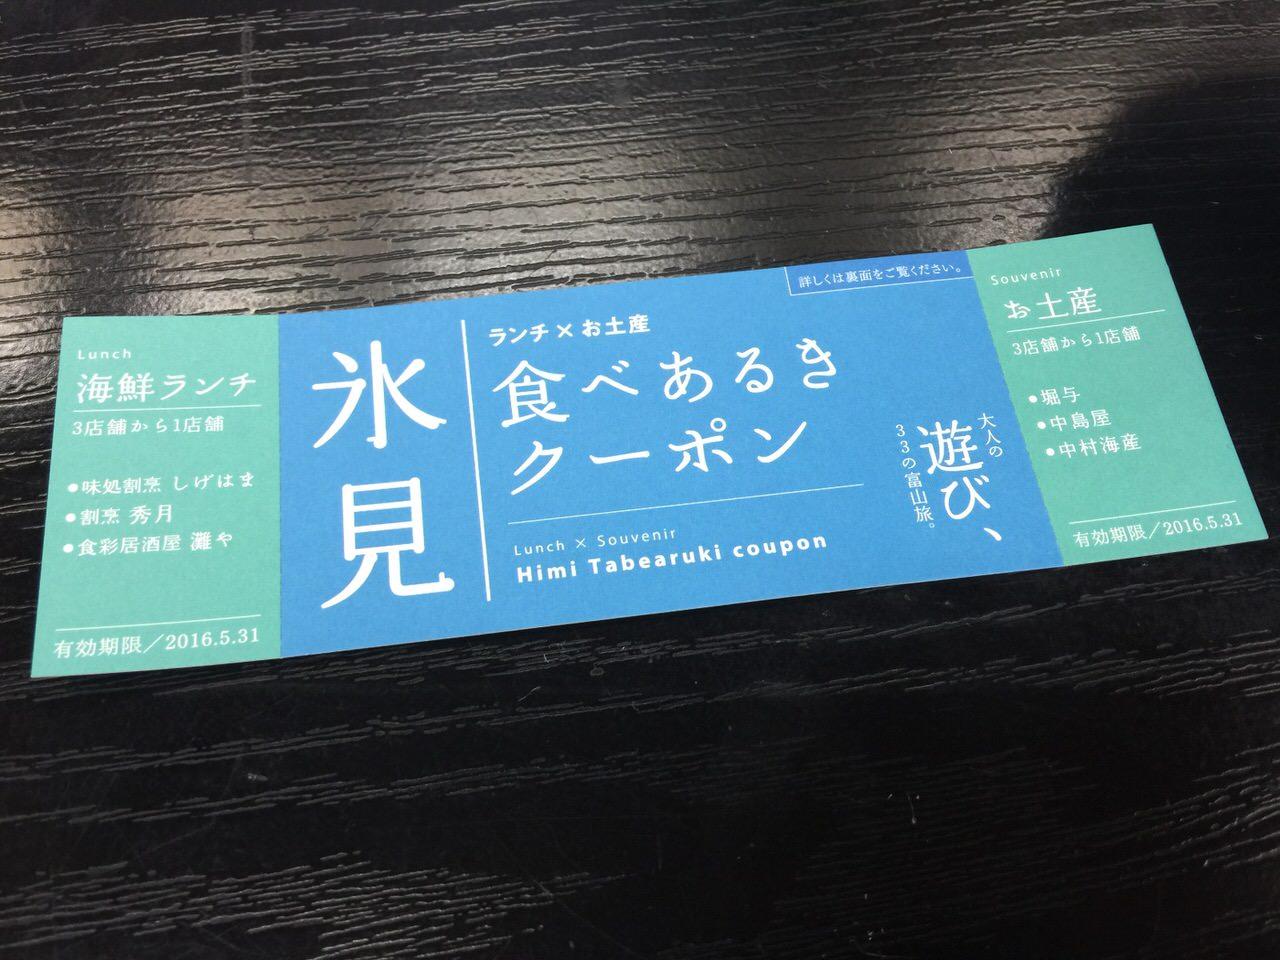 Toyama himi iwashi 1731